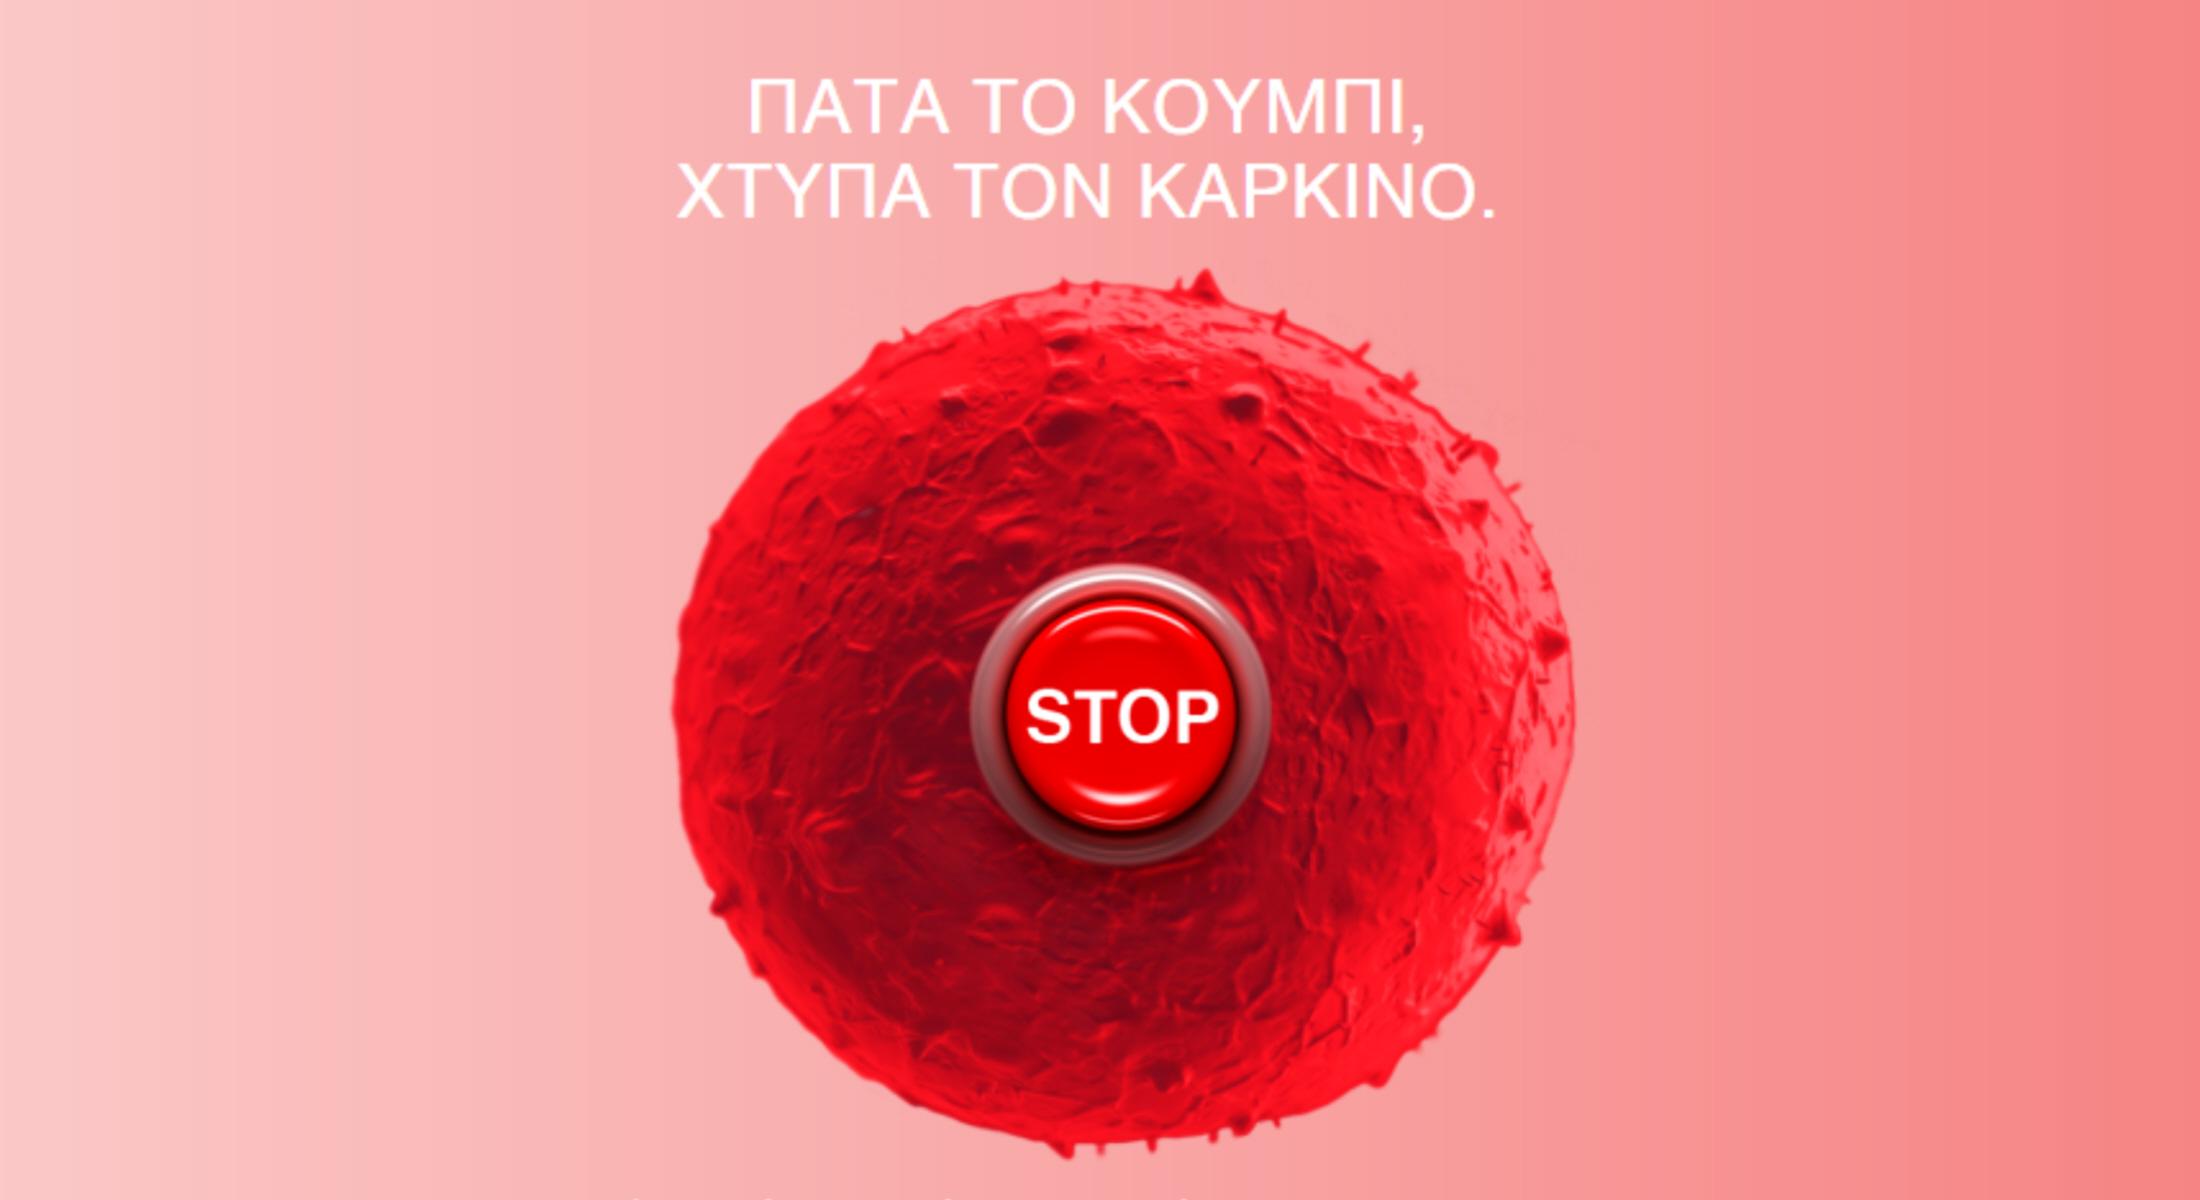 Πάτα το κουμπί, χτύπα τον καρκίνο!